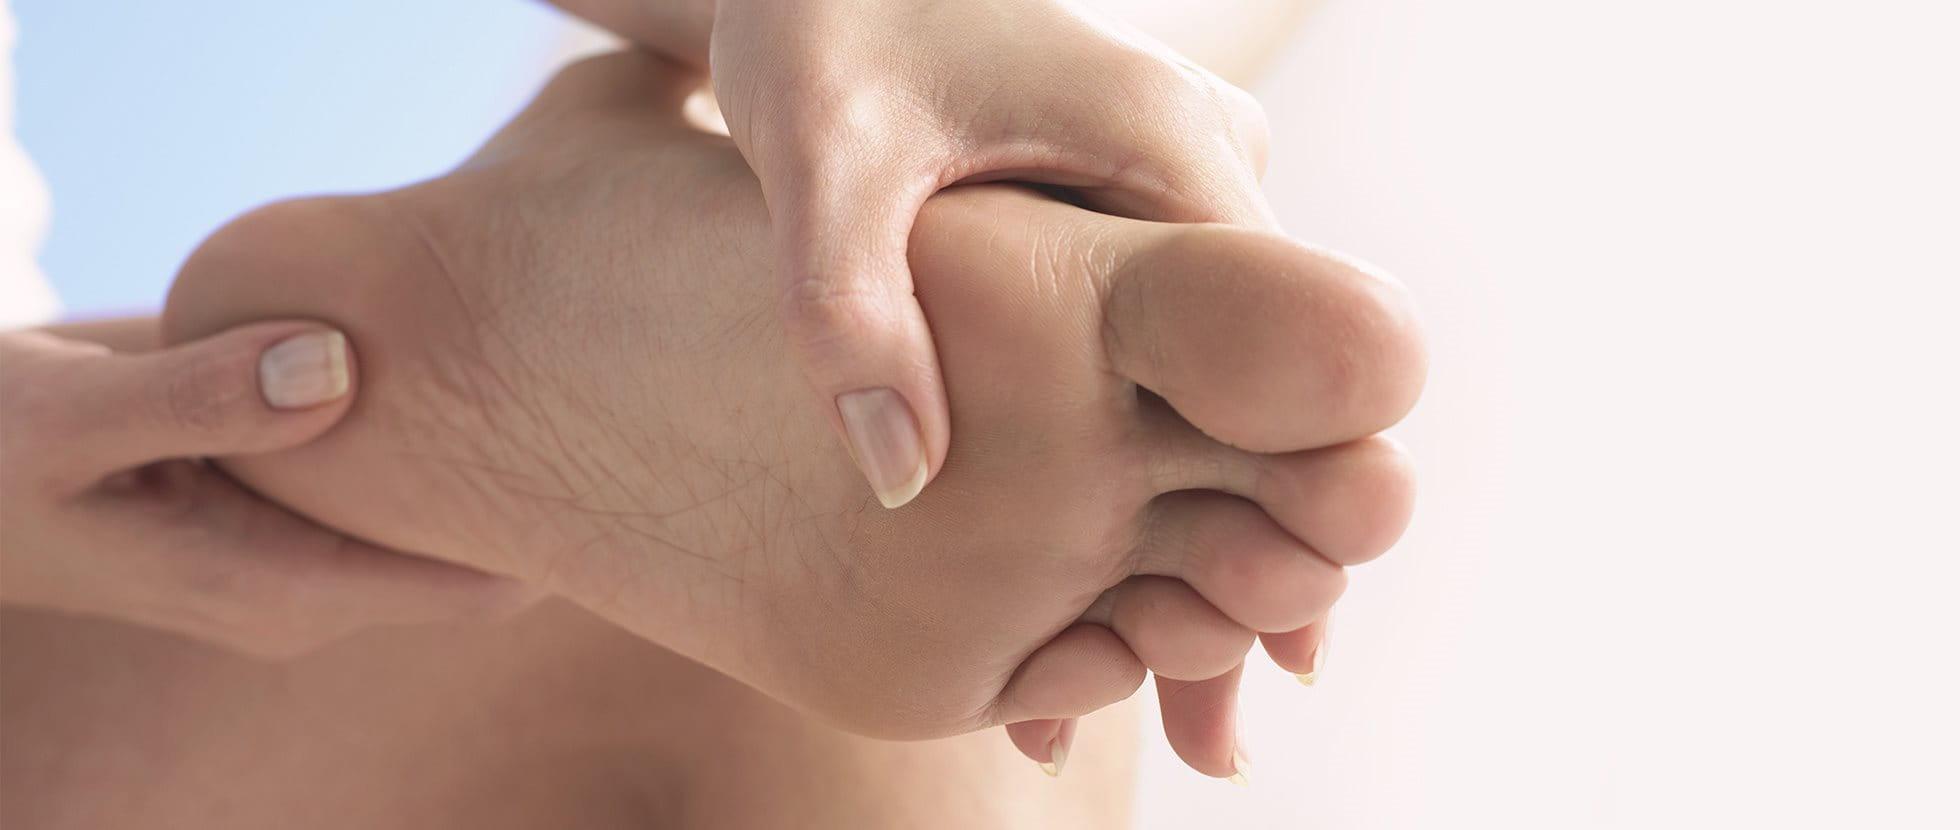 Kako njegovati kožu dijabetičara?